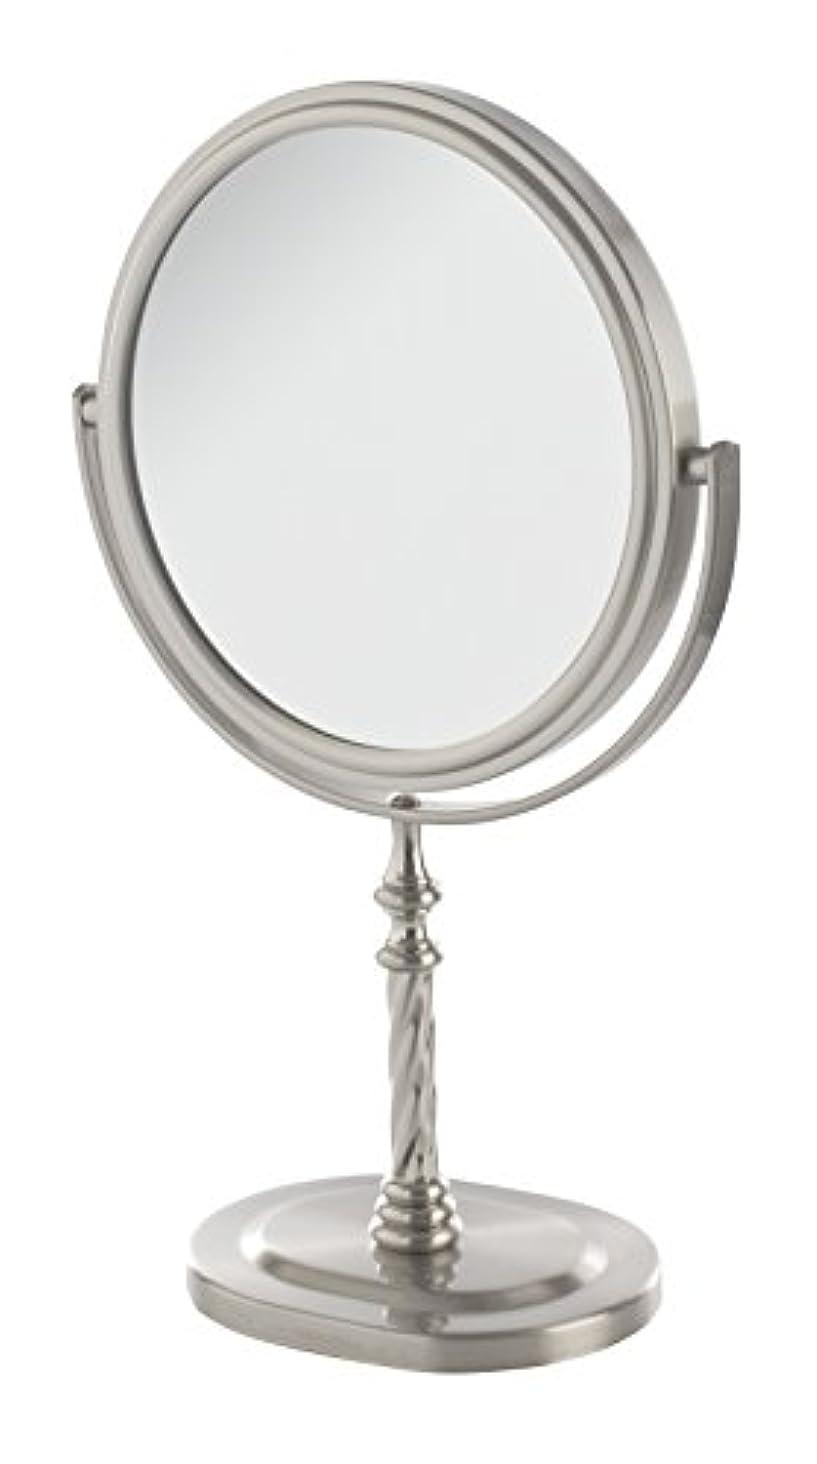 緊張するウッズ夢Jerdon(ジェルドン) / JP526N (ニッケル) 拡大鏡 [鏡面 直径15cm] 【5倍率/等倍率】 卓上型テーブルミラー